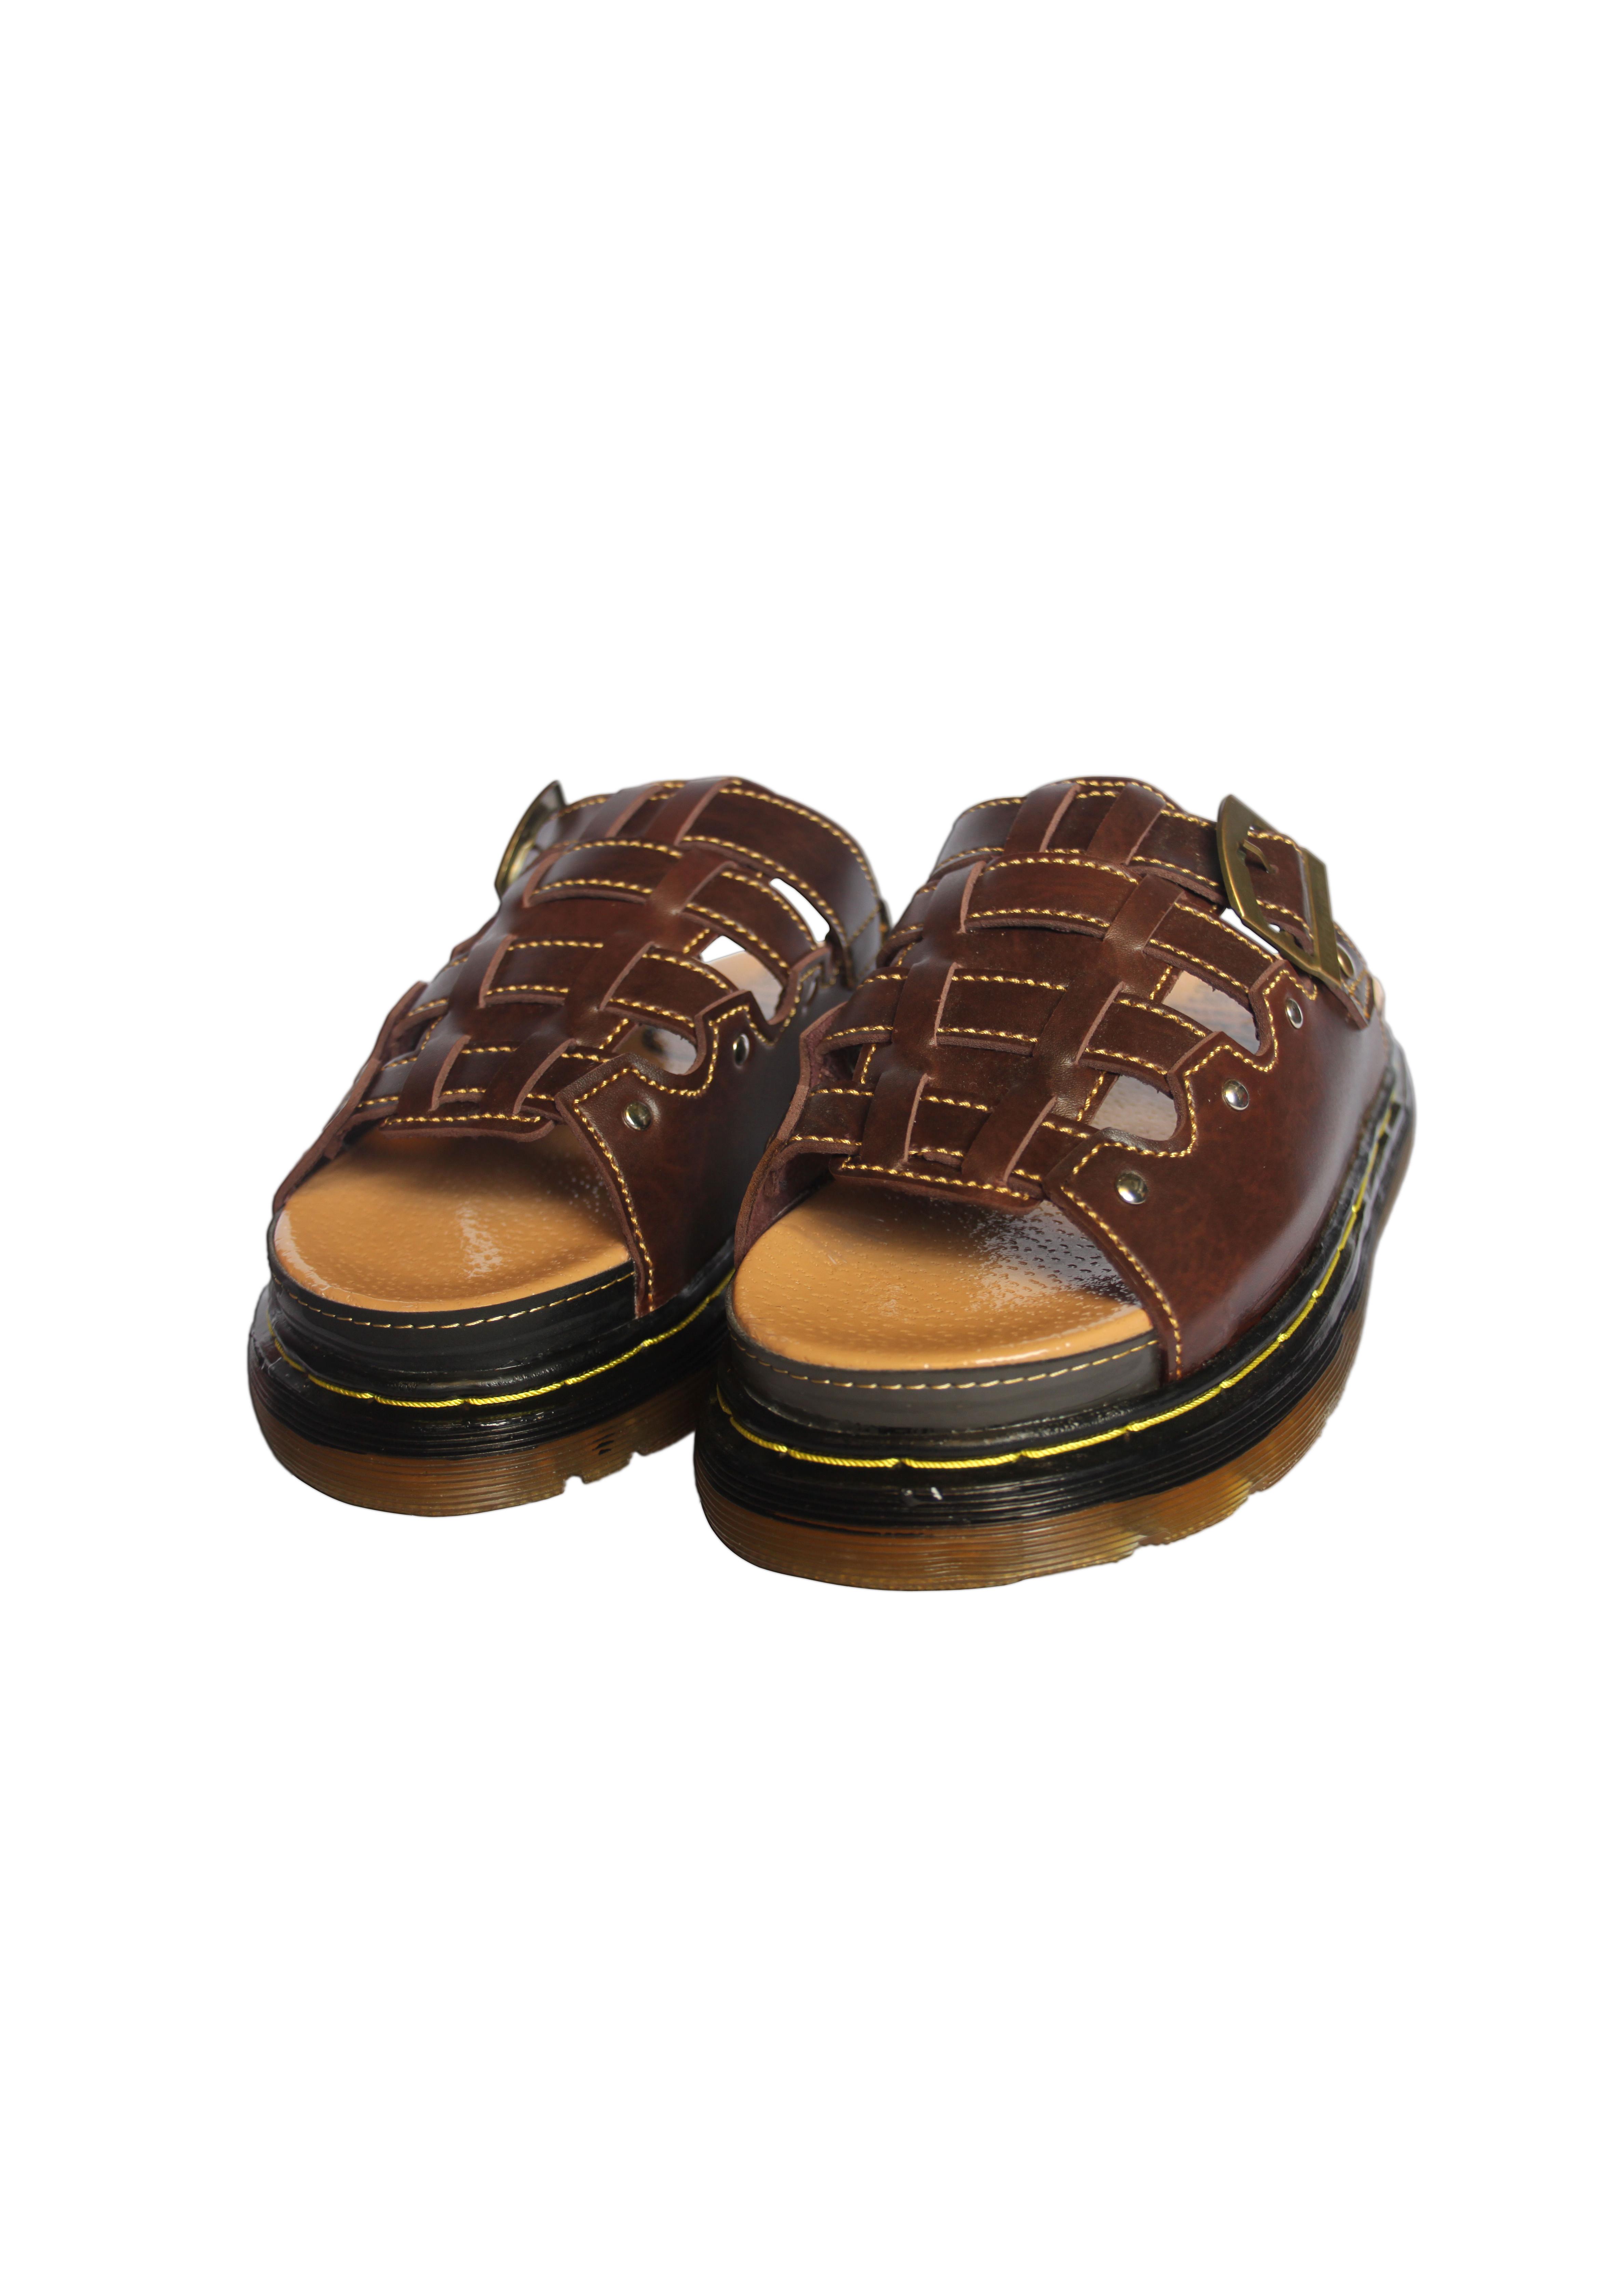 Giày dép nam Dr quai ngang tăng 3 phân chiều cao - NMH-DR-Luoi-De (Nâu Đen Sậm)